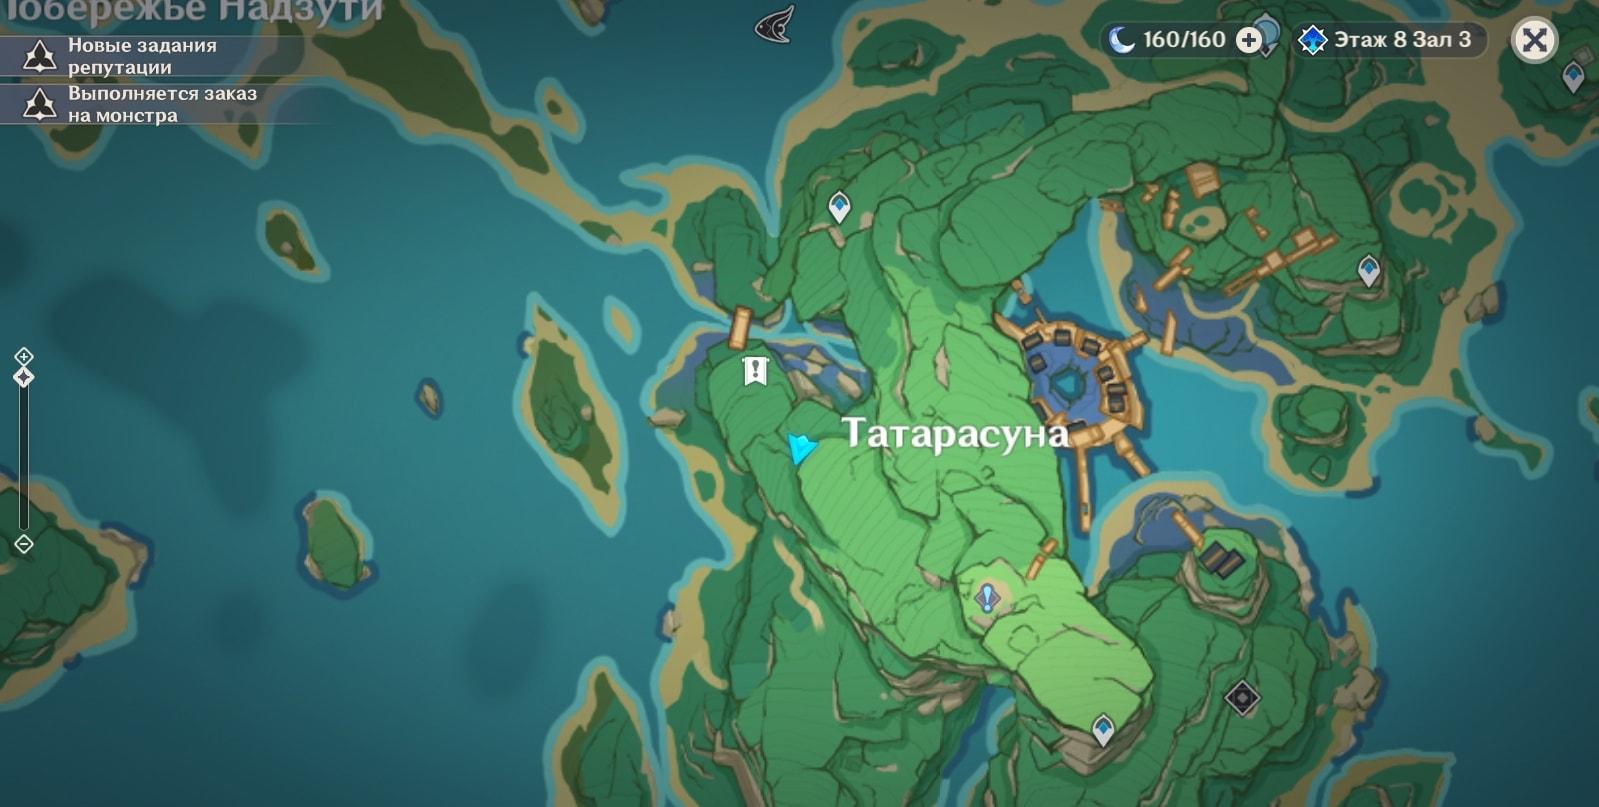 место на карте где находится усыпальница глубин в Инадзуме